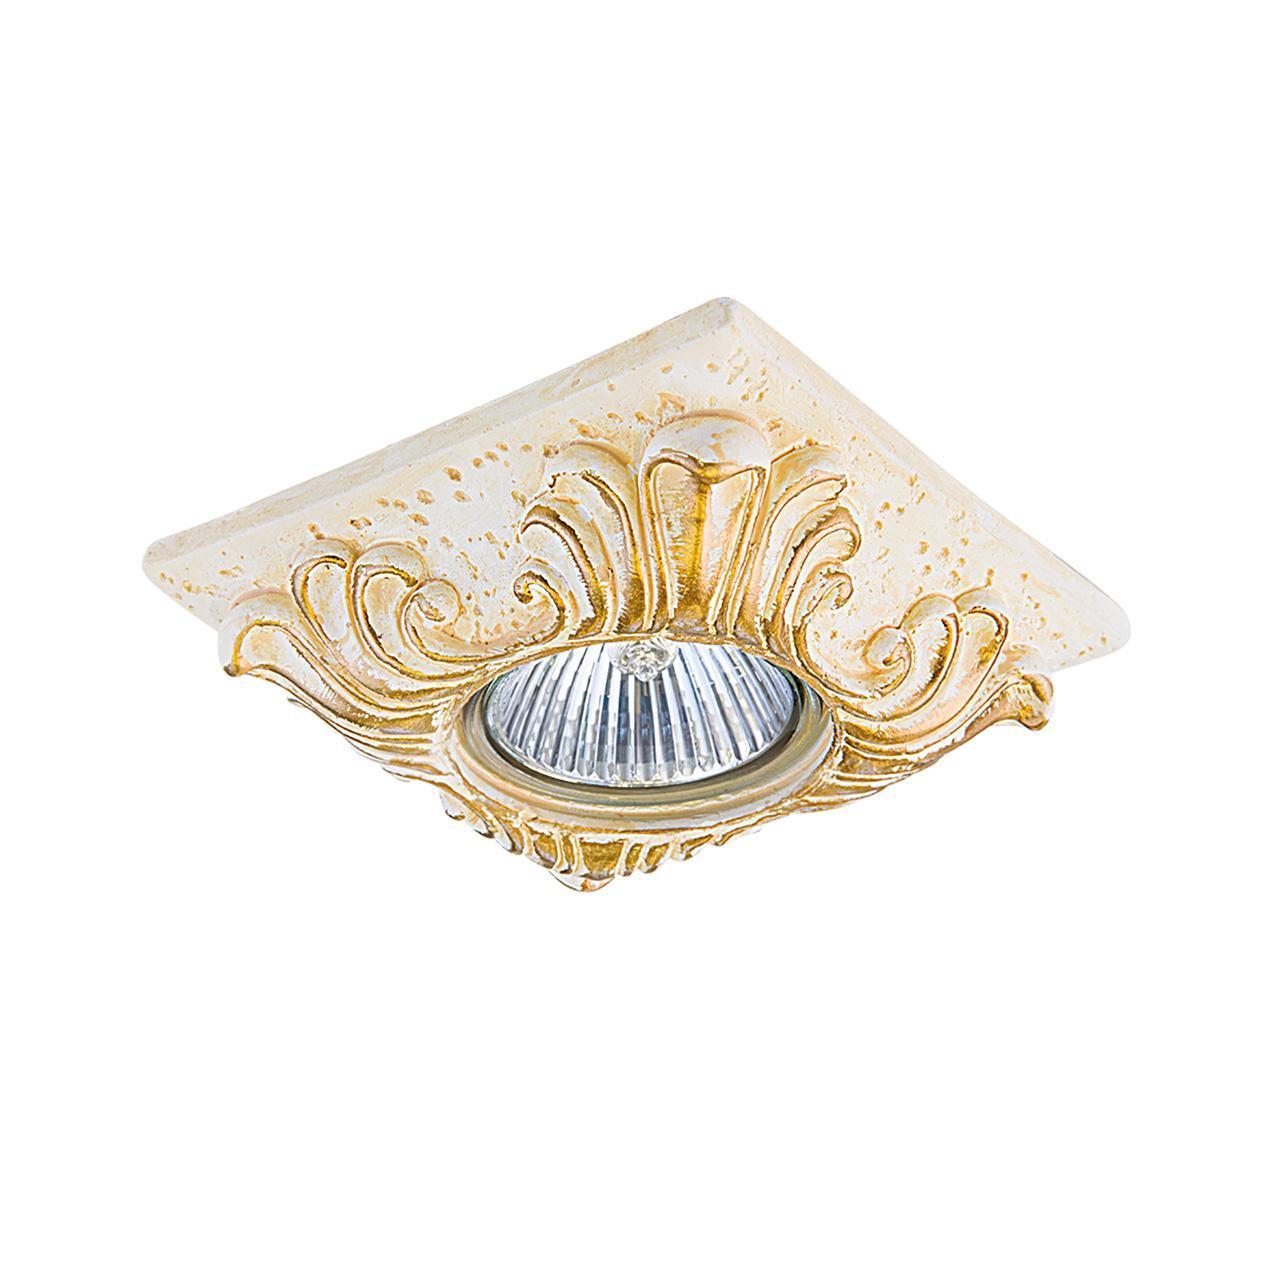 Встраиваемый светильник Lightstar Corinto Qua 002622 встраиваемый светильник lightstar artico qua 070244